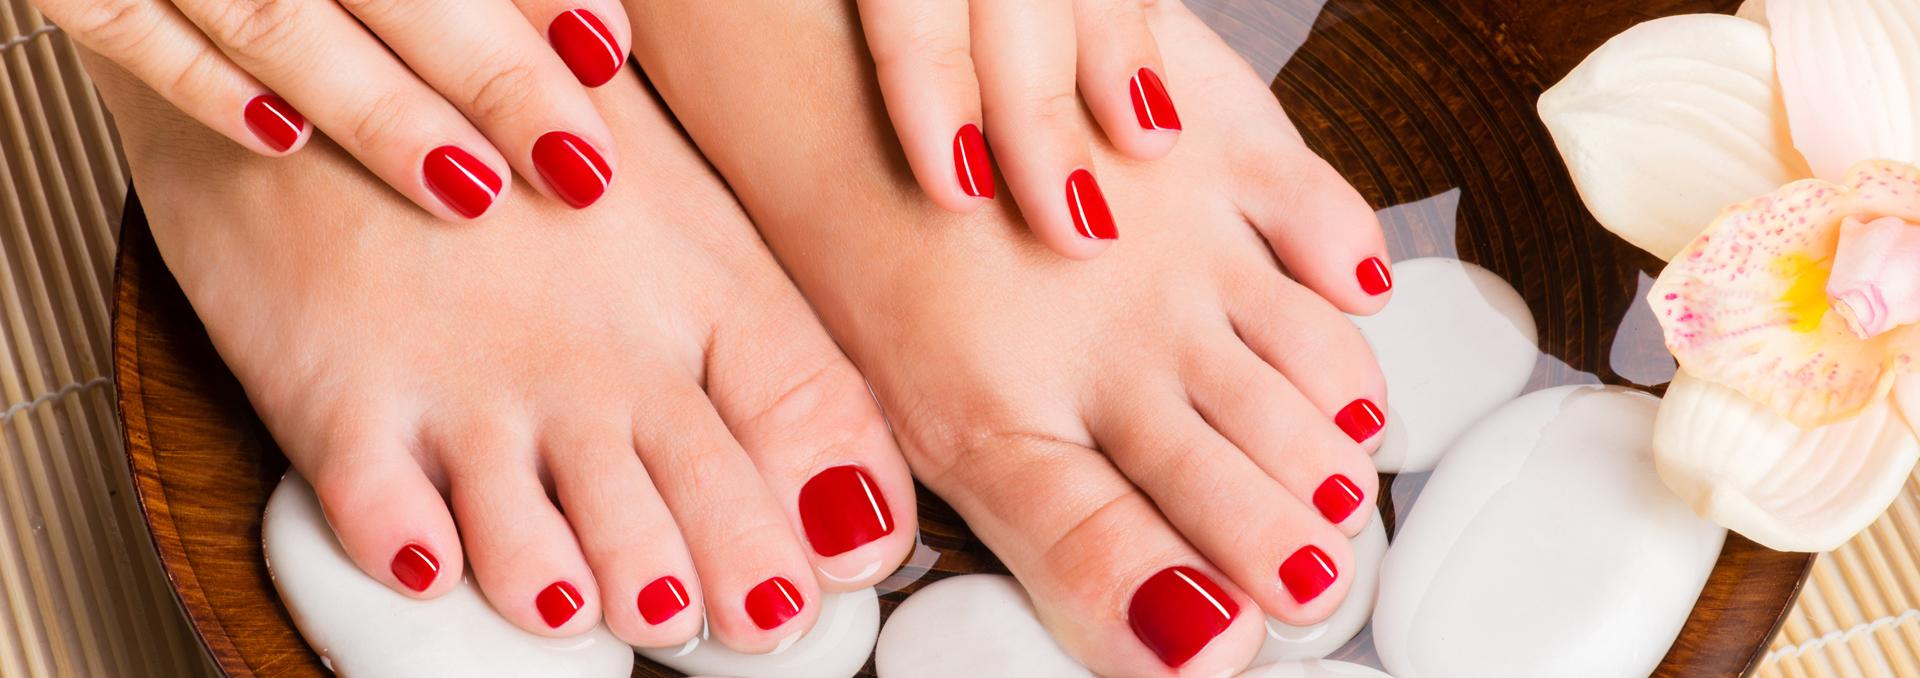 Embassy nails bar - Nail salon in Charlotte, NC 28211